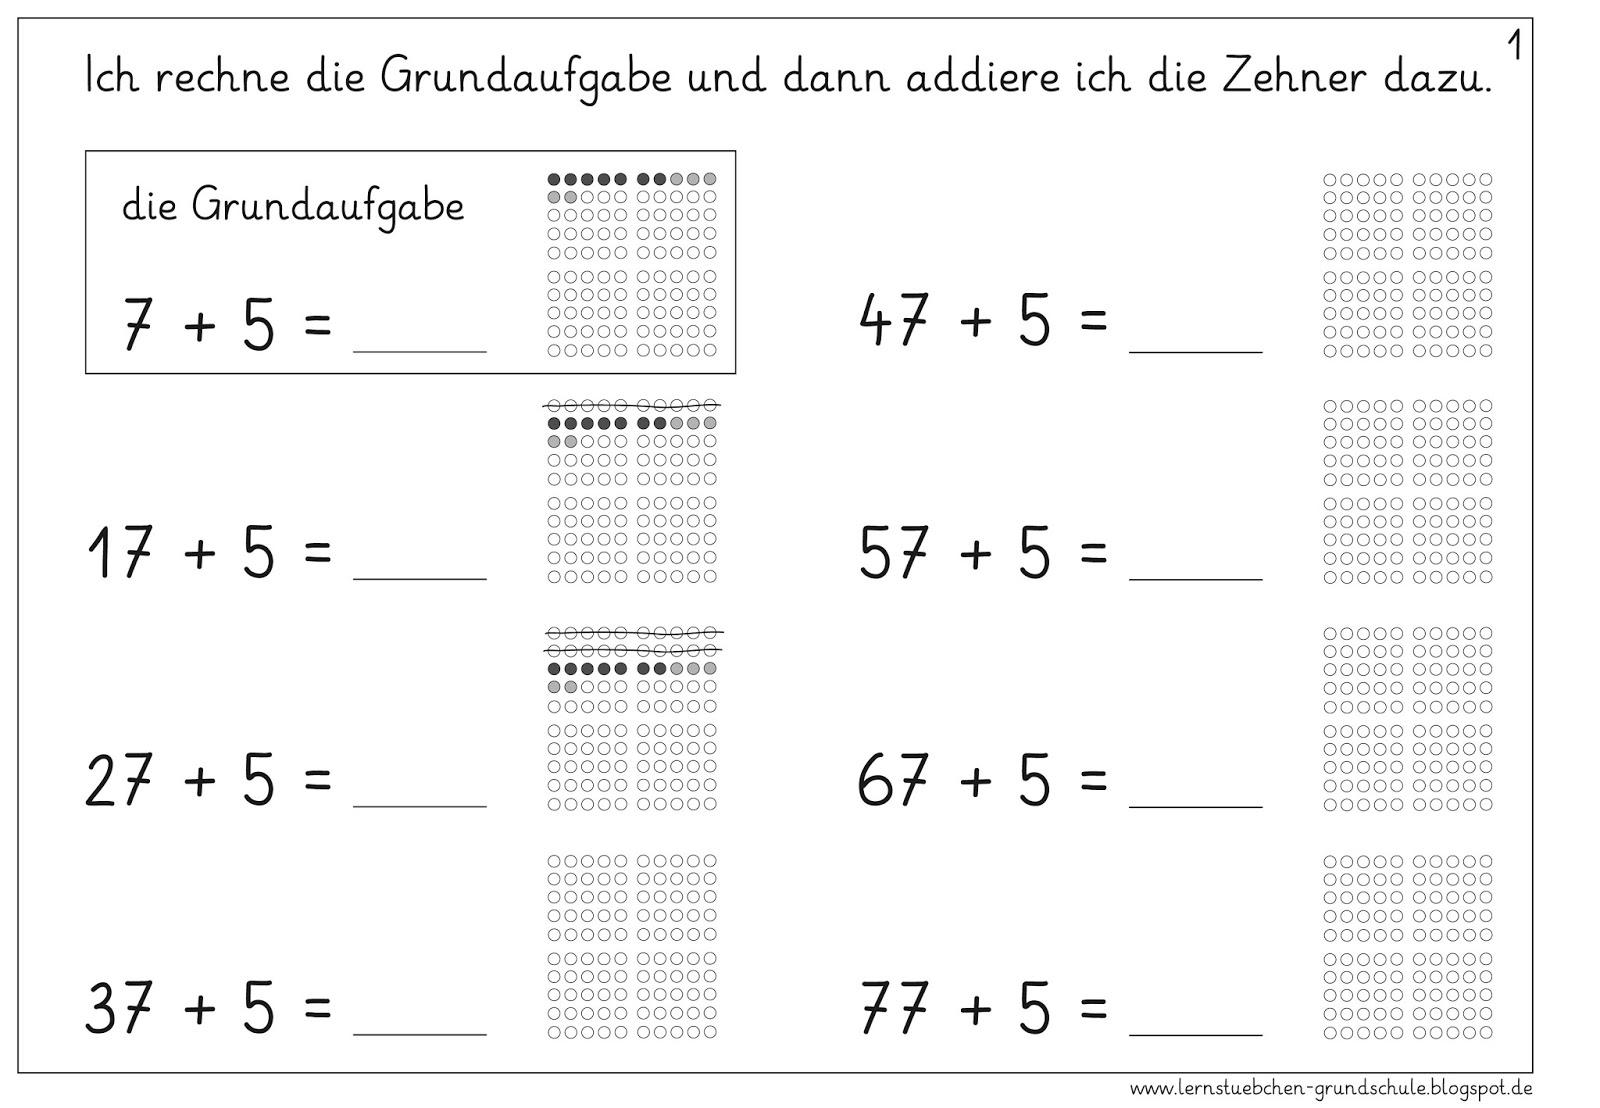 Ziemlich Arbeitsblatt Klasse 2 Gerade Und Ungerade Zahlen Galerie ...